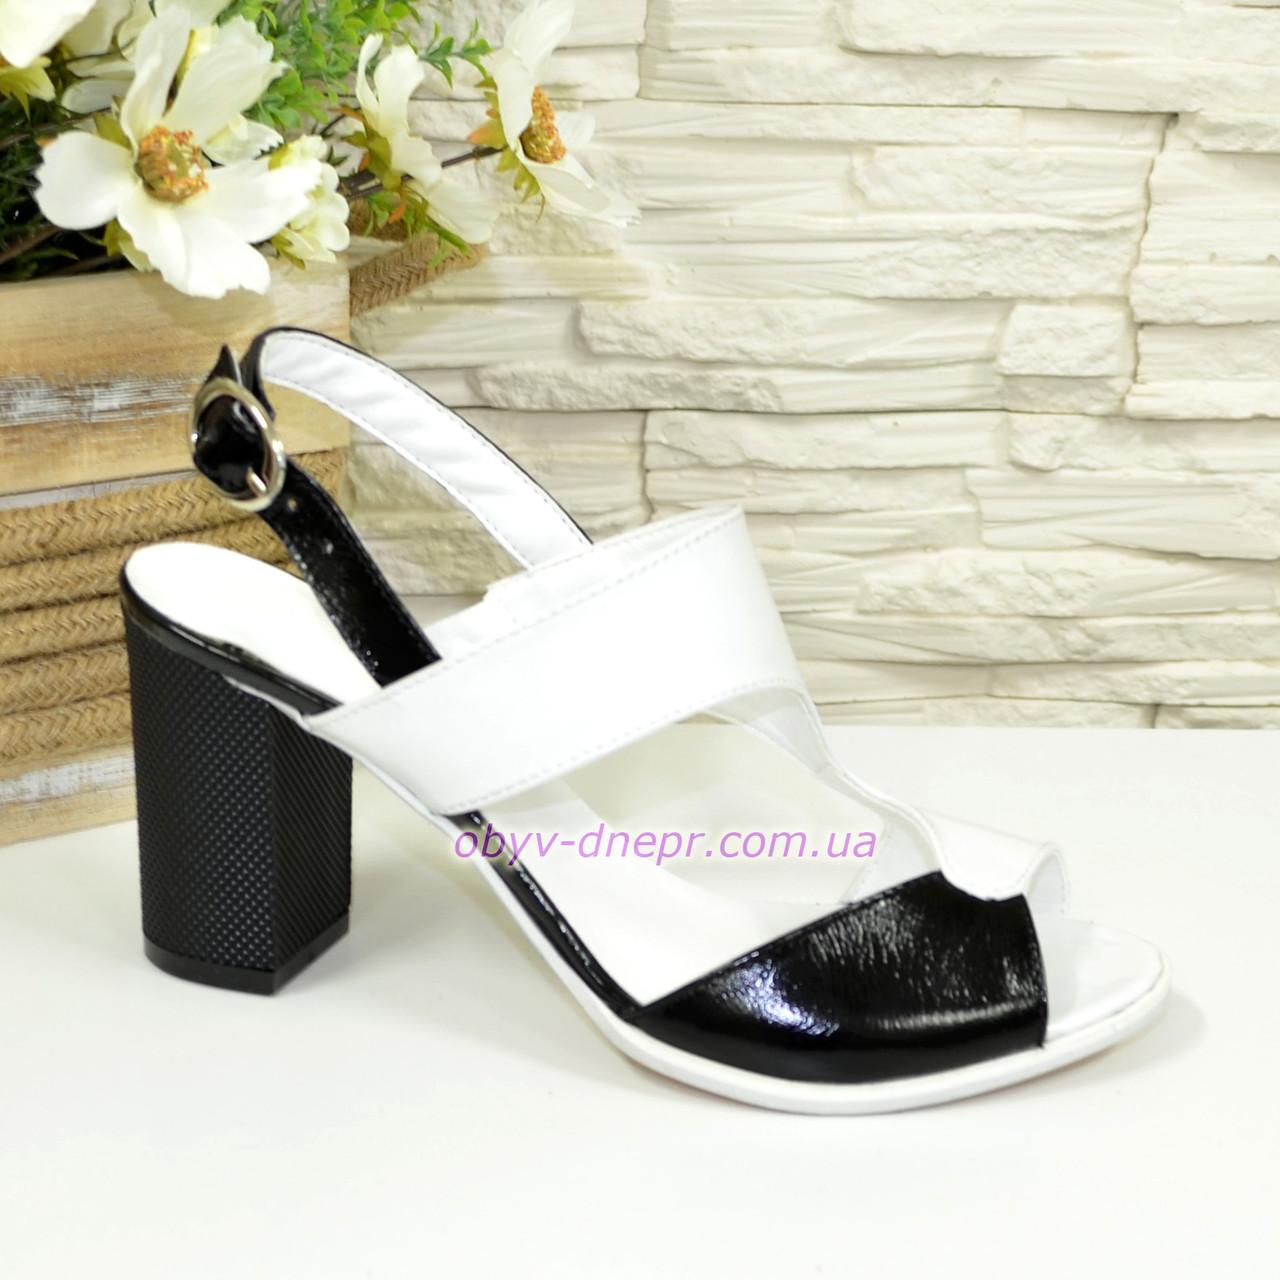 Женские босоножки на высоком каблуке, натуральная лаковая кожа белого и черного цвета